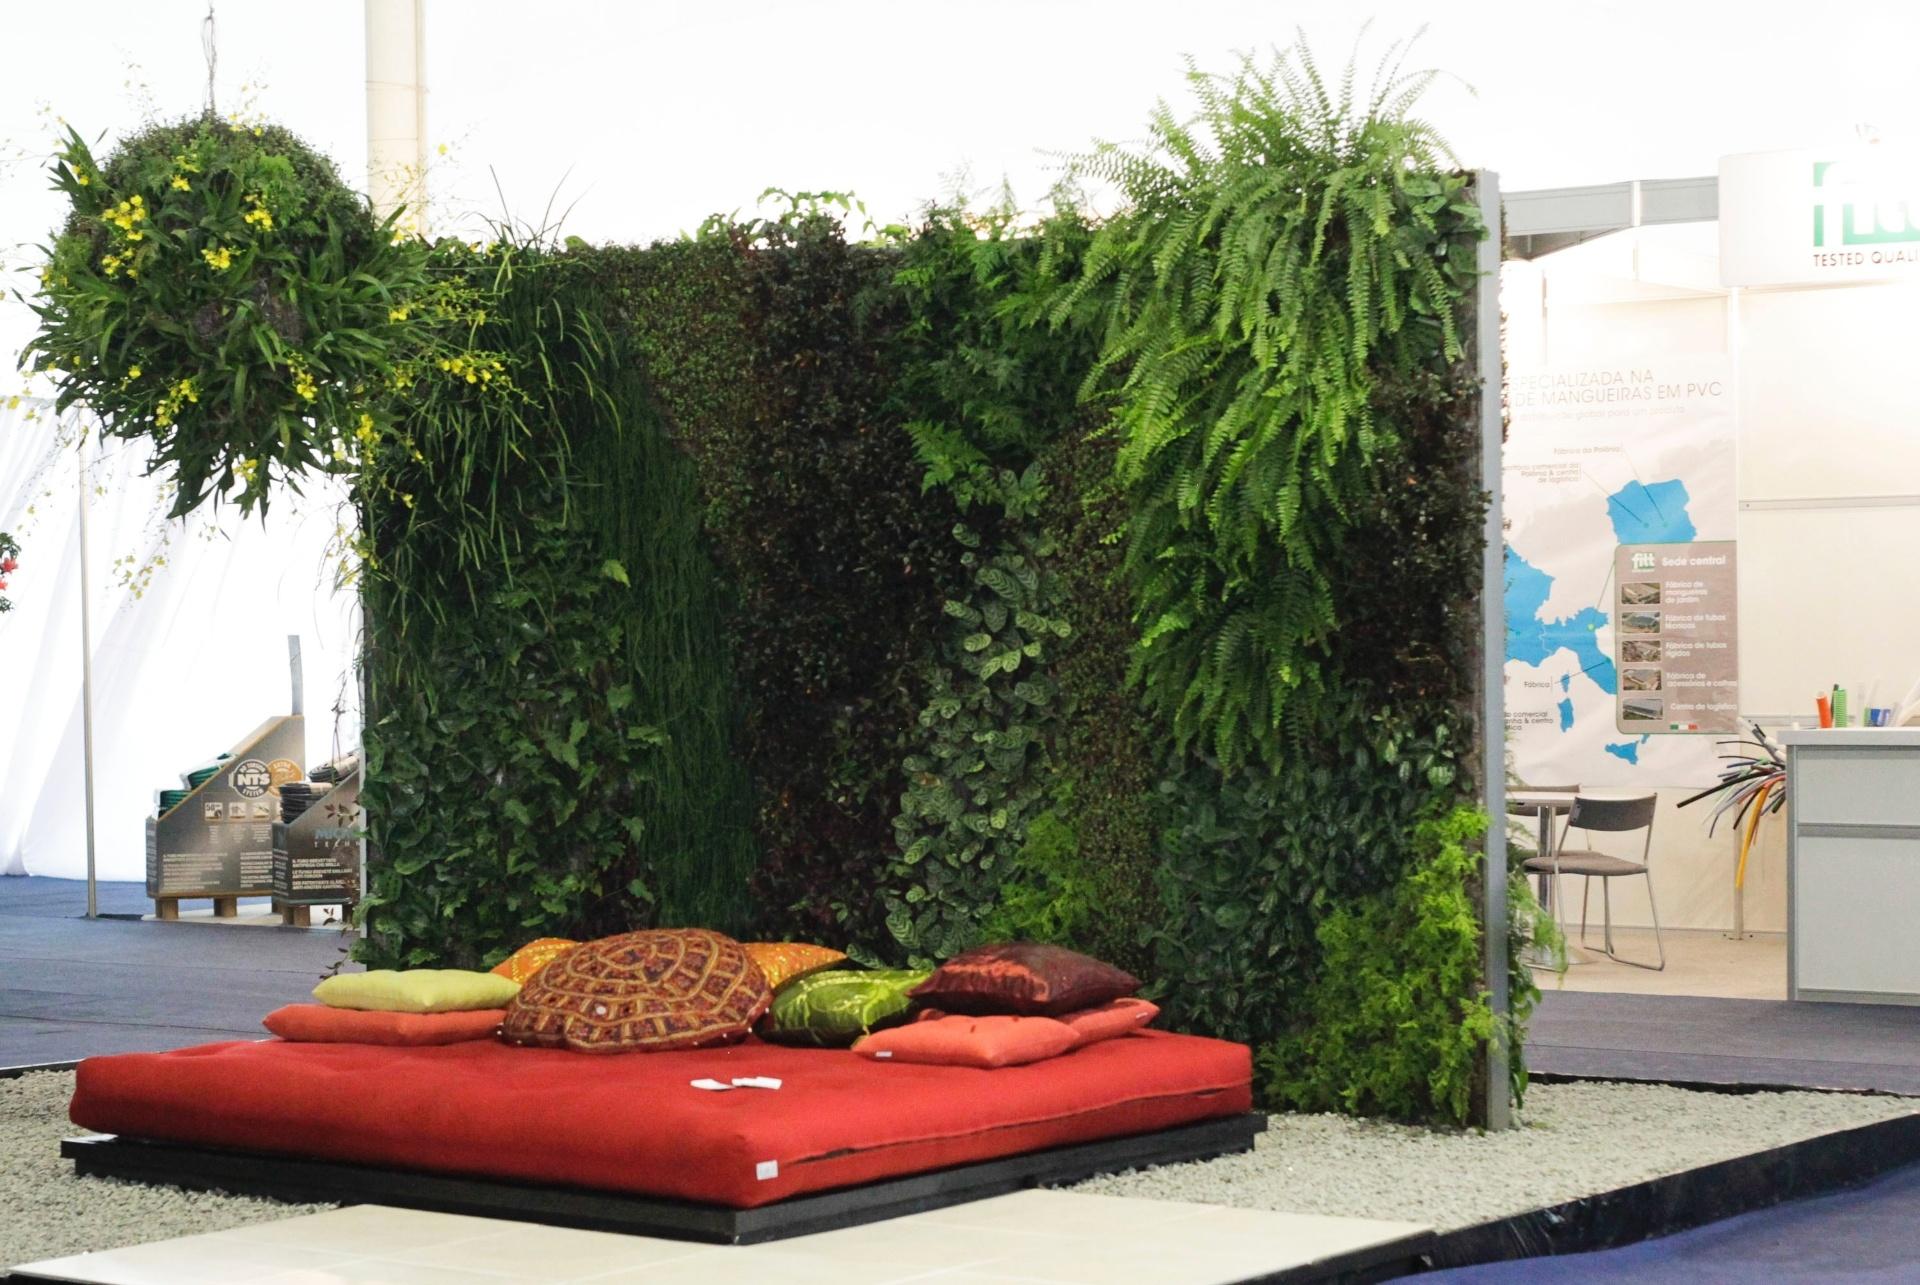 A arquiteta paisagista Talita Gutierrez, da empresa Verde Vertical, projetou - em um espaço compacto - o paisagismo para um ambiente de relaxamento. O jardim vertical e a estrutura ornamental pendurada sobre o futon vermelho compõem o ambiente zen. A mostra de paisagismo é um dos destaques da 15ª edição da Fiaflora Expogarden, no Centro de Exposições do Anhembi, em São Paulo